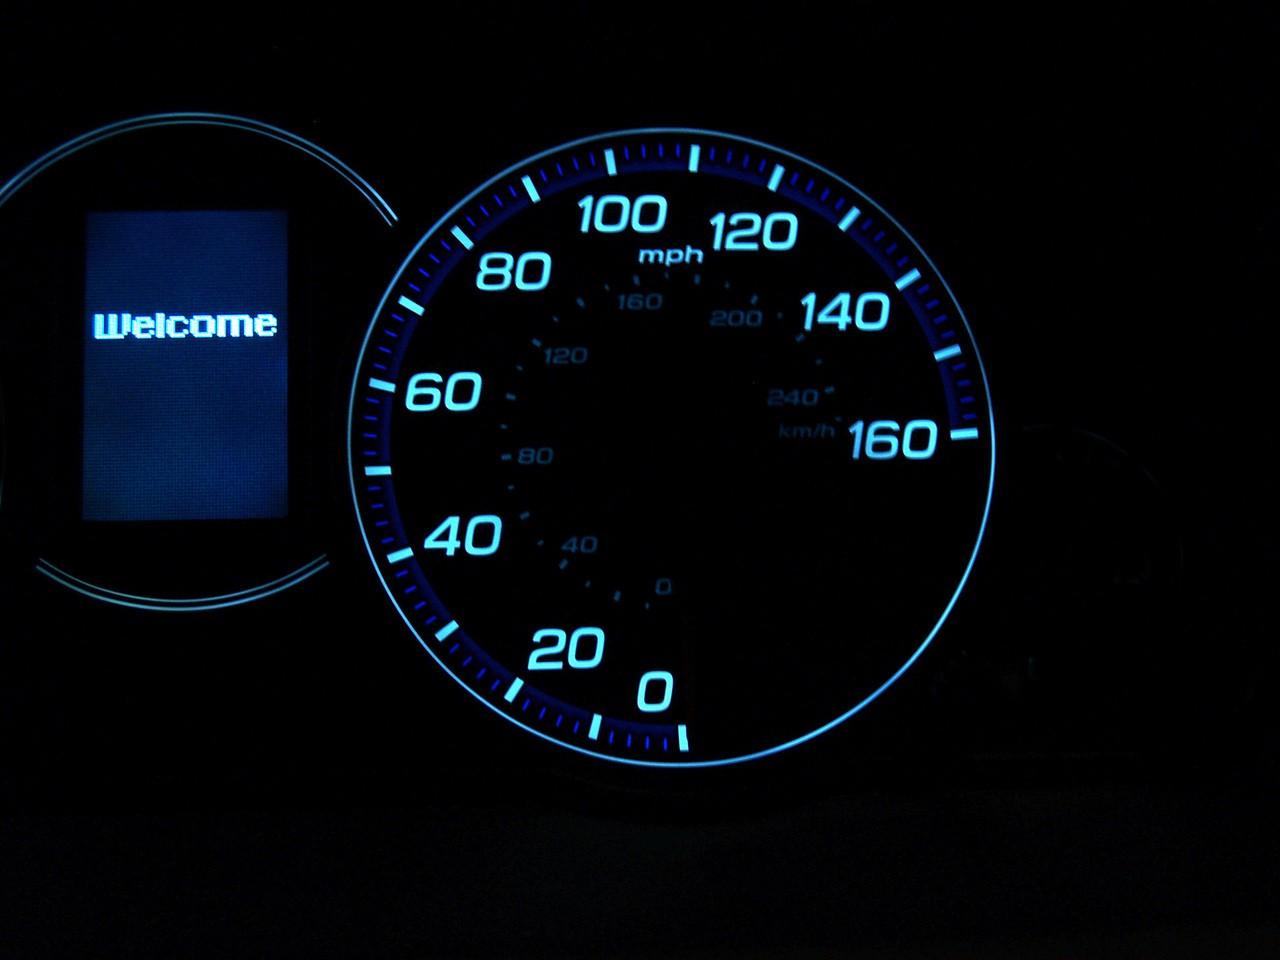 Sztuczna inteligencja w samochodzie to nie kwestia przyszłości